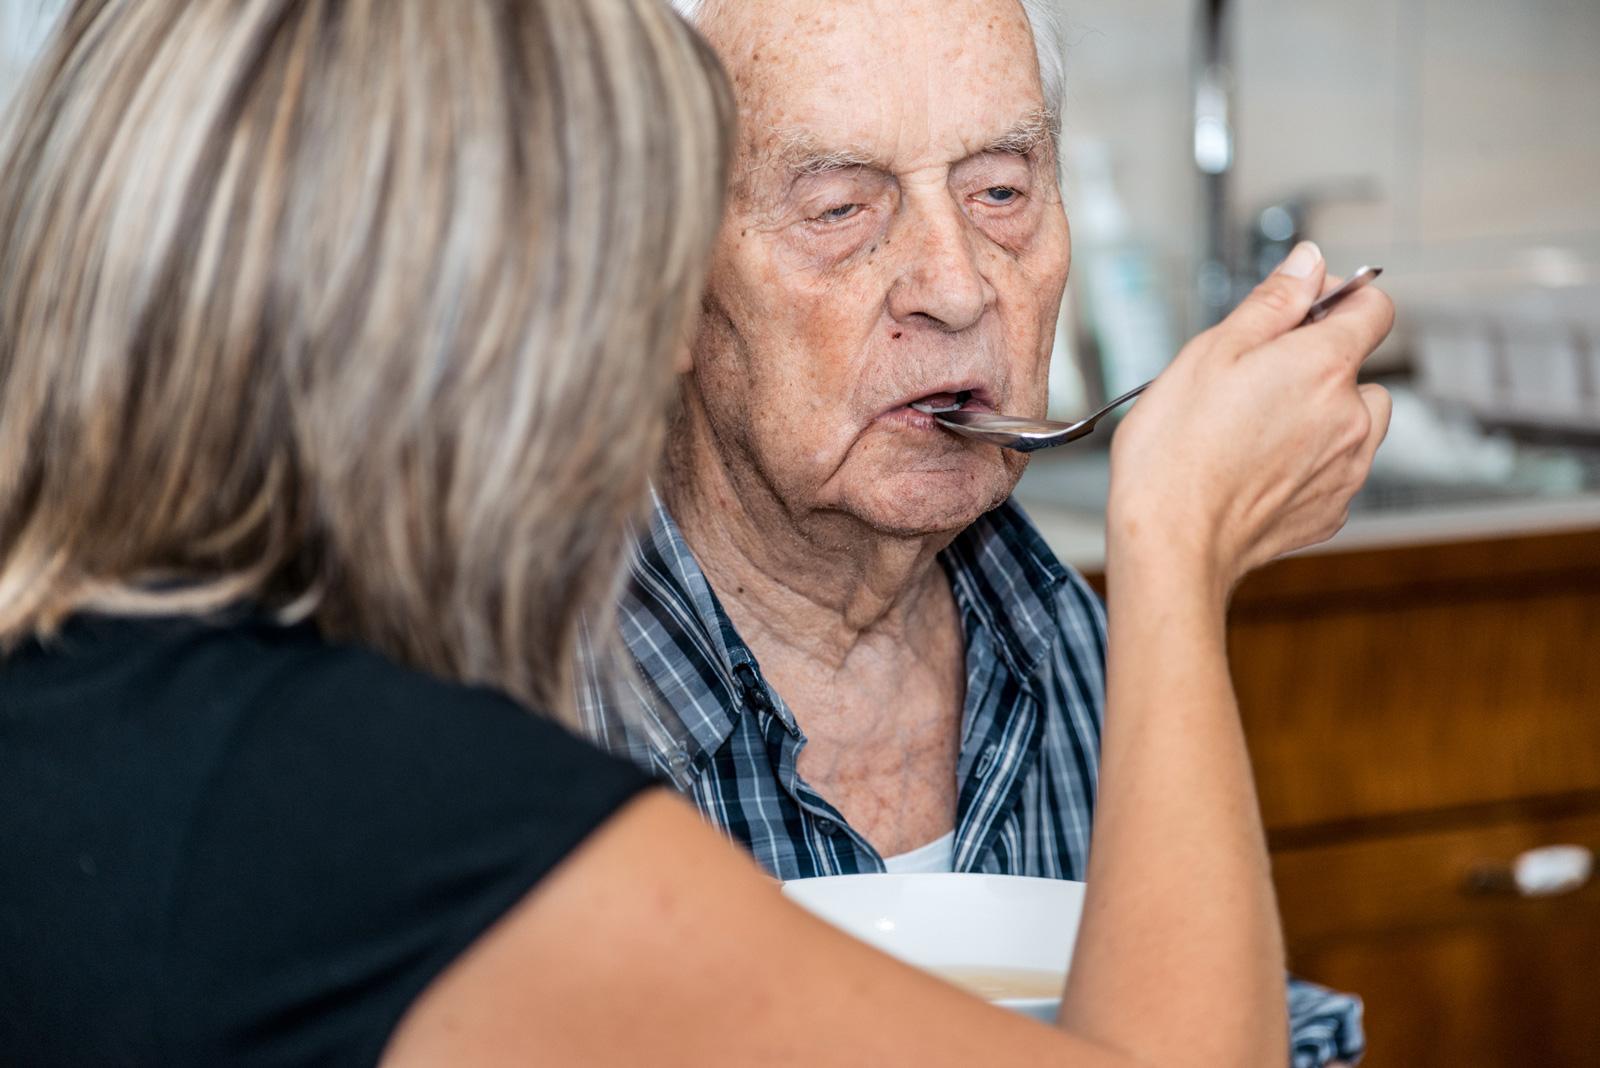 Die Höhe des Pflegegeldes richtet sich danach, wie viel Hilfe die betroffene Person benötigt.